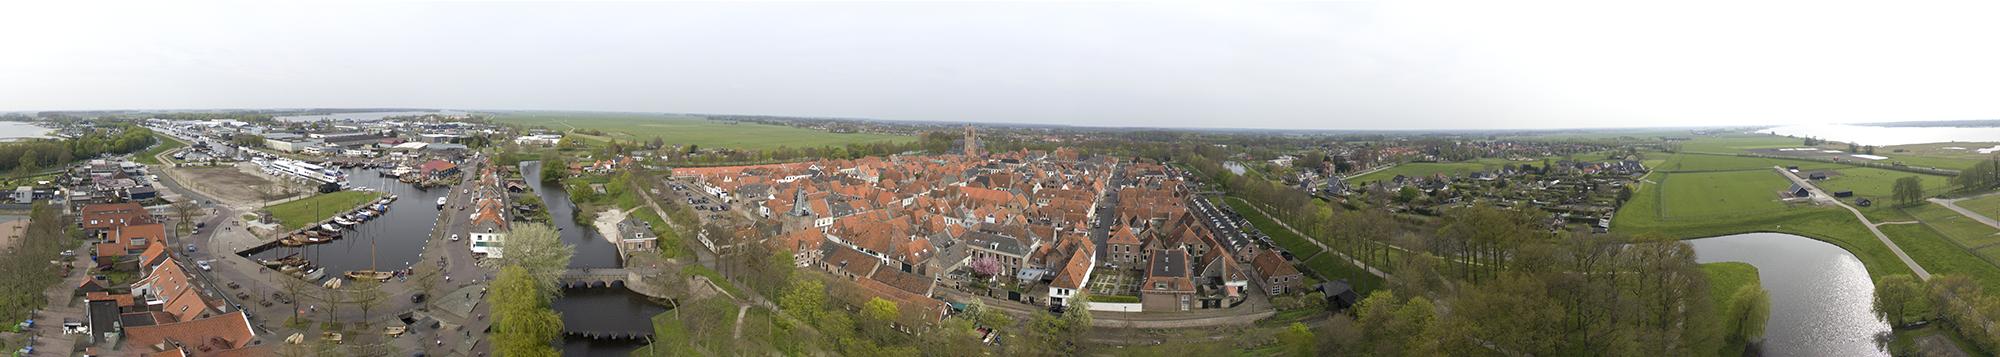 Elburg_Panorama1